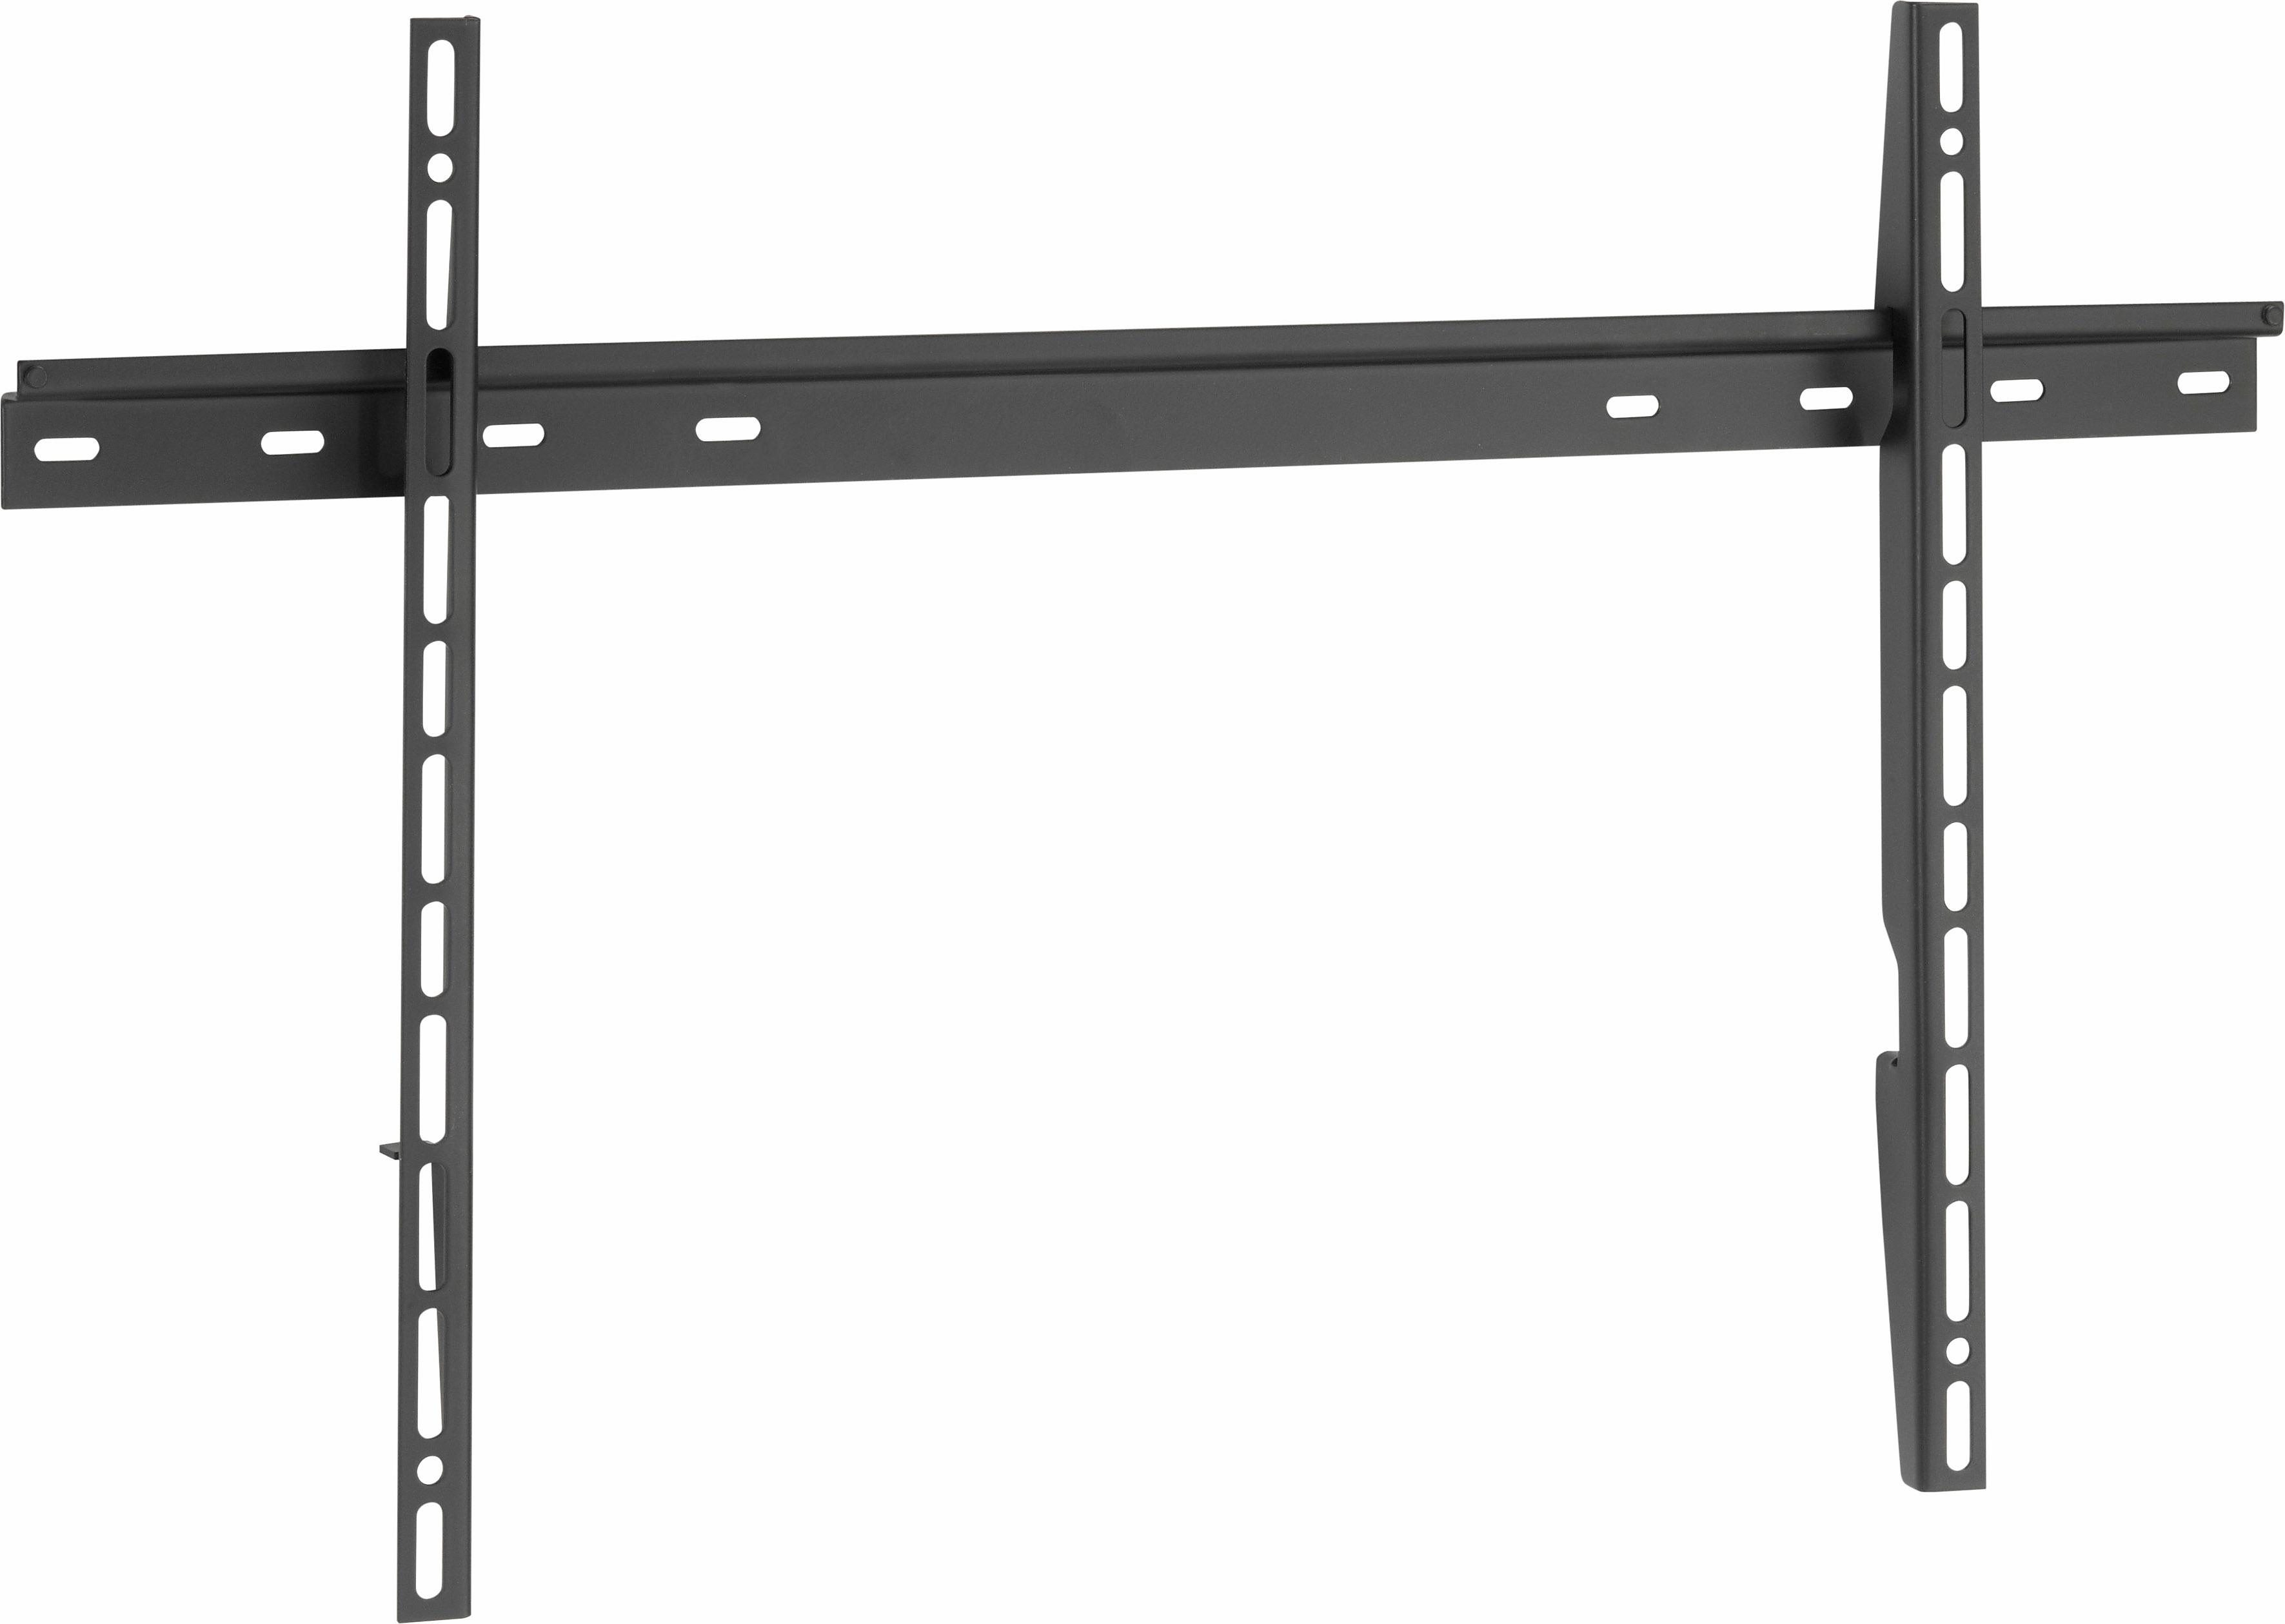 vogel's® TV-Wandhalterung »MNT 300«, starr, für 102-165 cm (40-65 Zoll) Fernseher, VESA 600x400